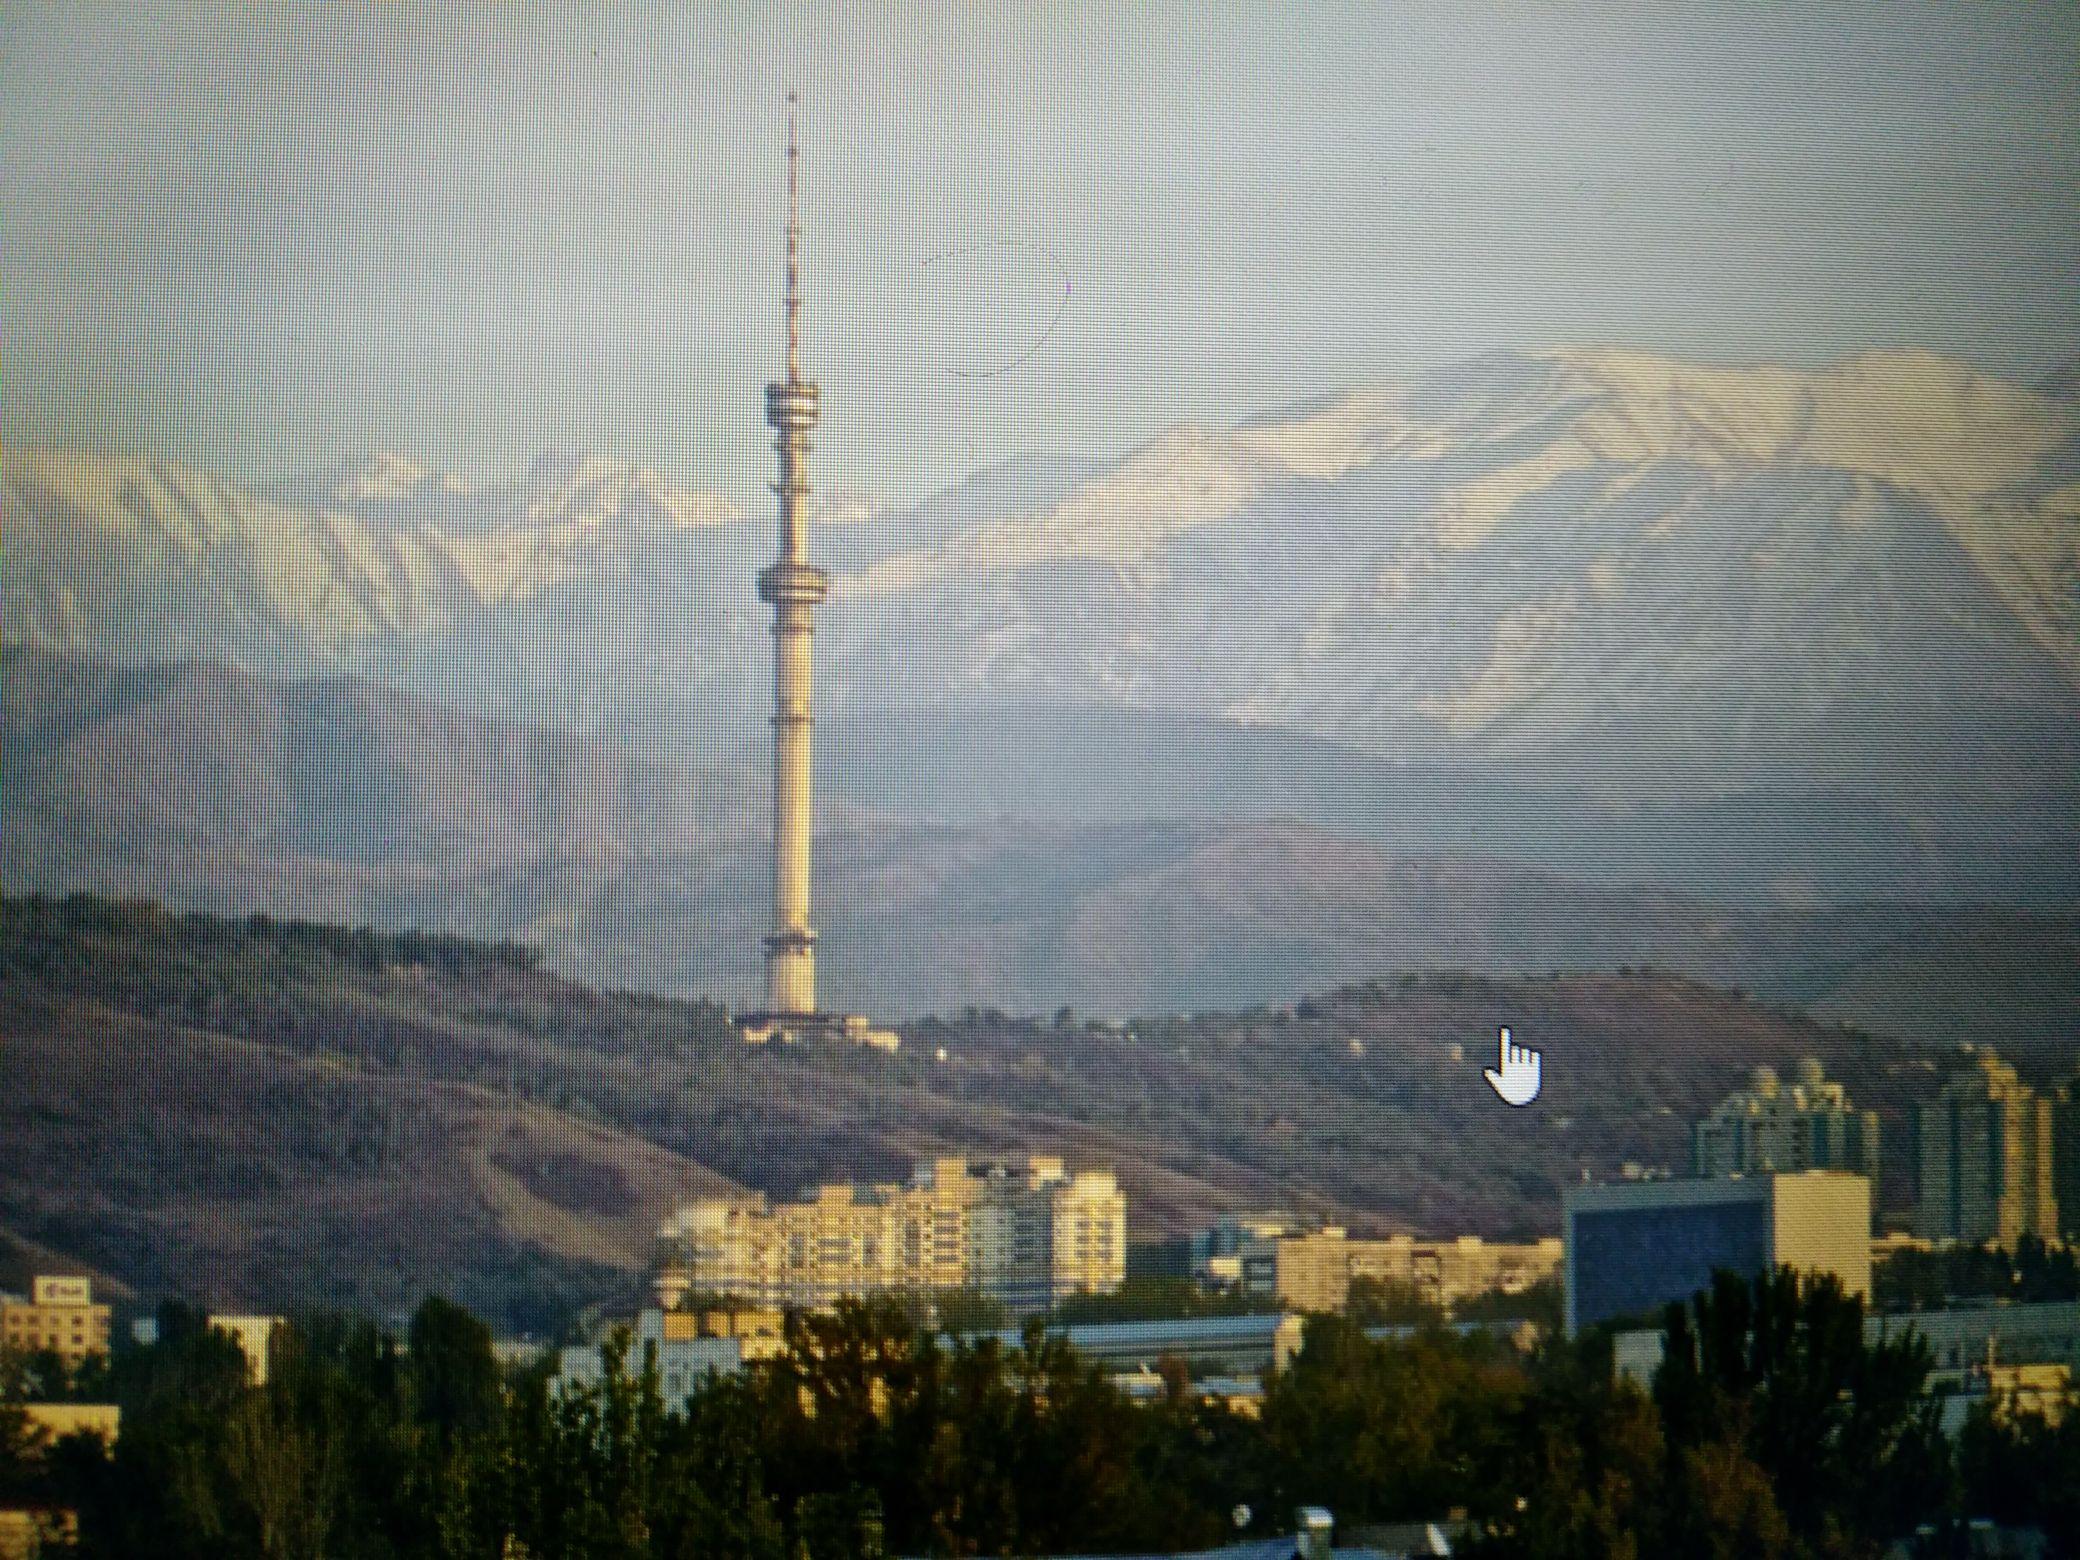 Przelot w grudniu z Katowic do Ałma Aty z przesiadka i zwiedzaniem w Kijowie